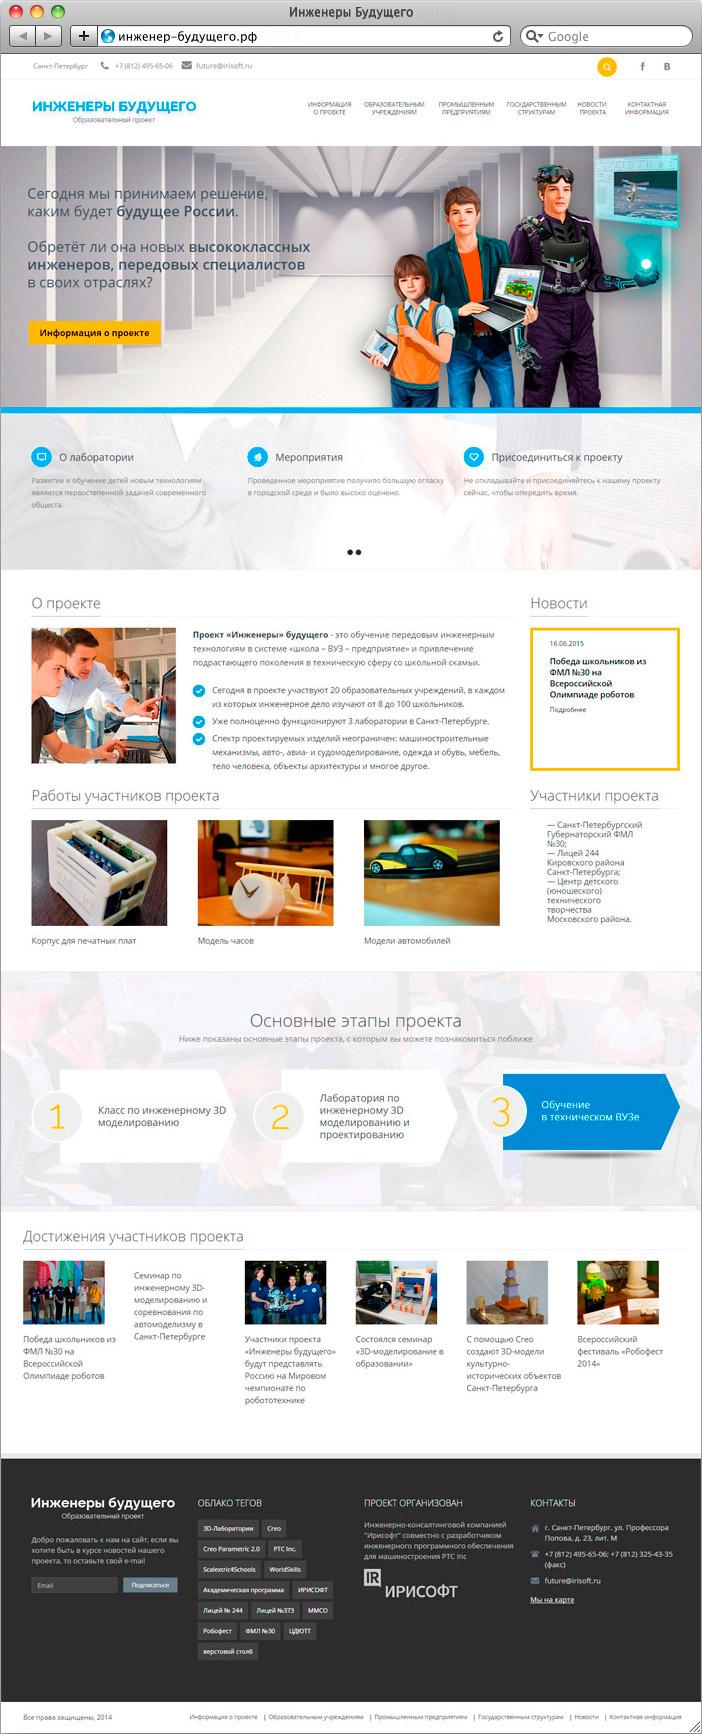 Образовательный проект Инженеры будущего